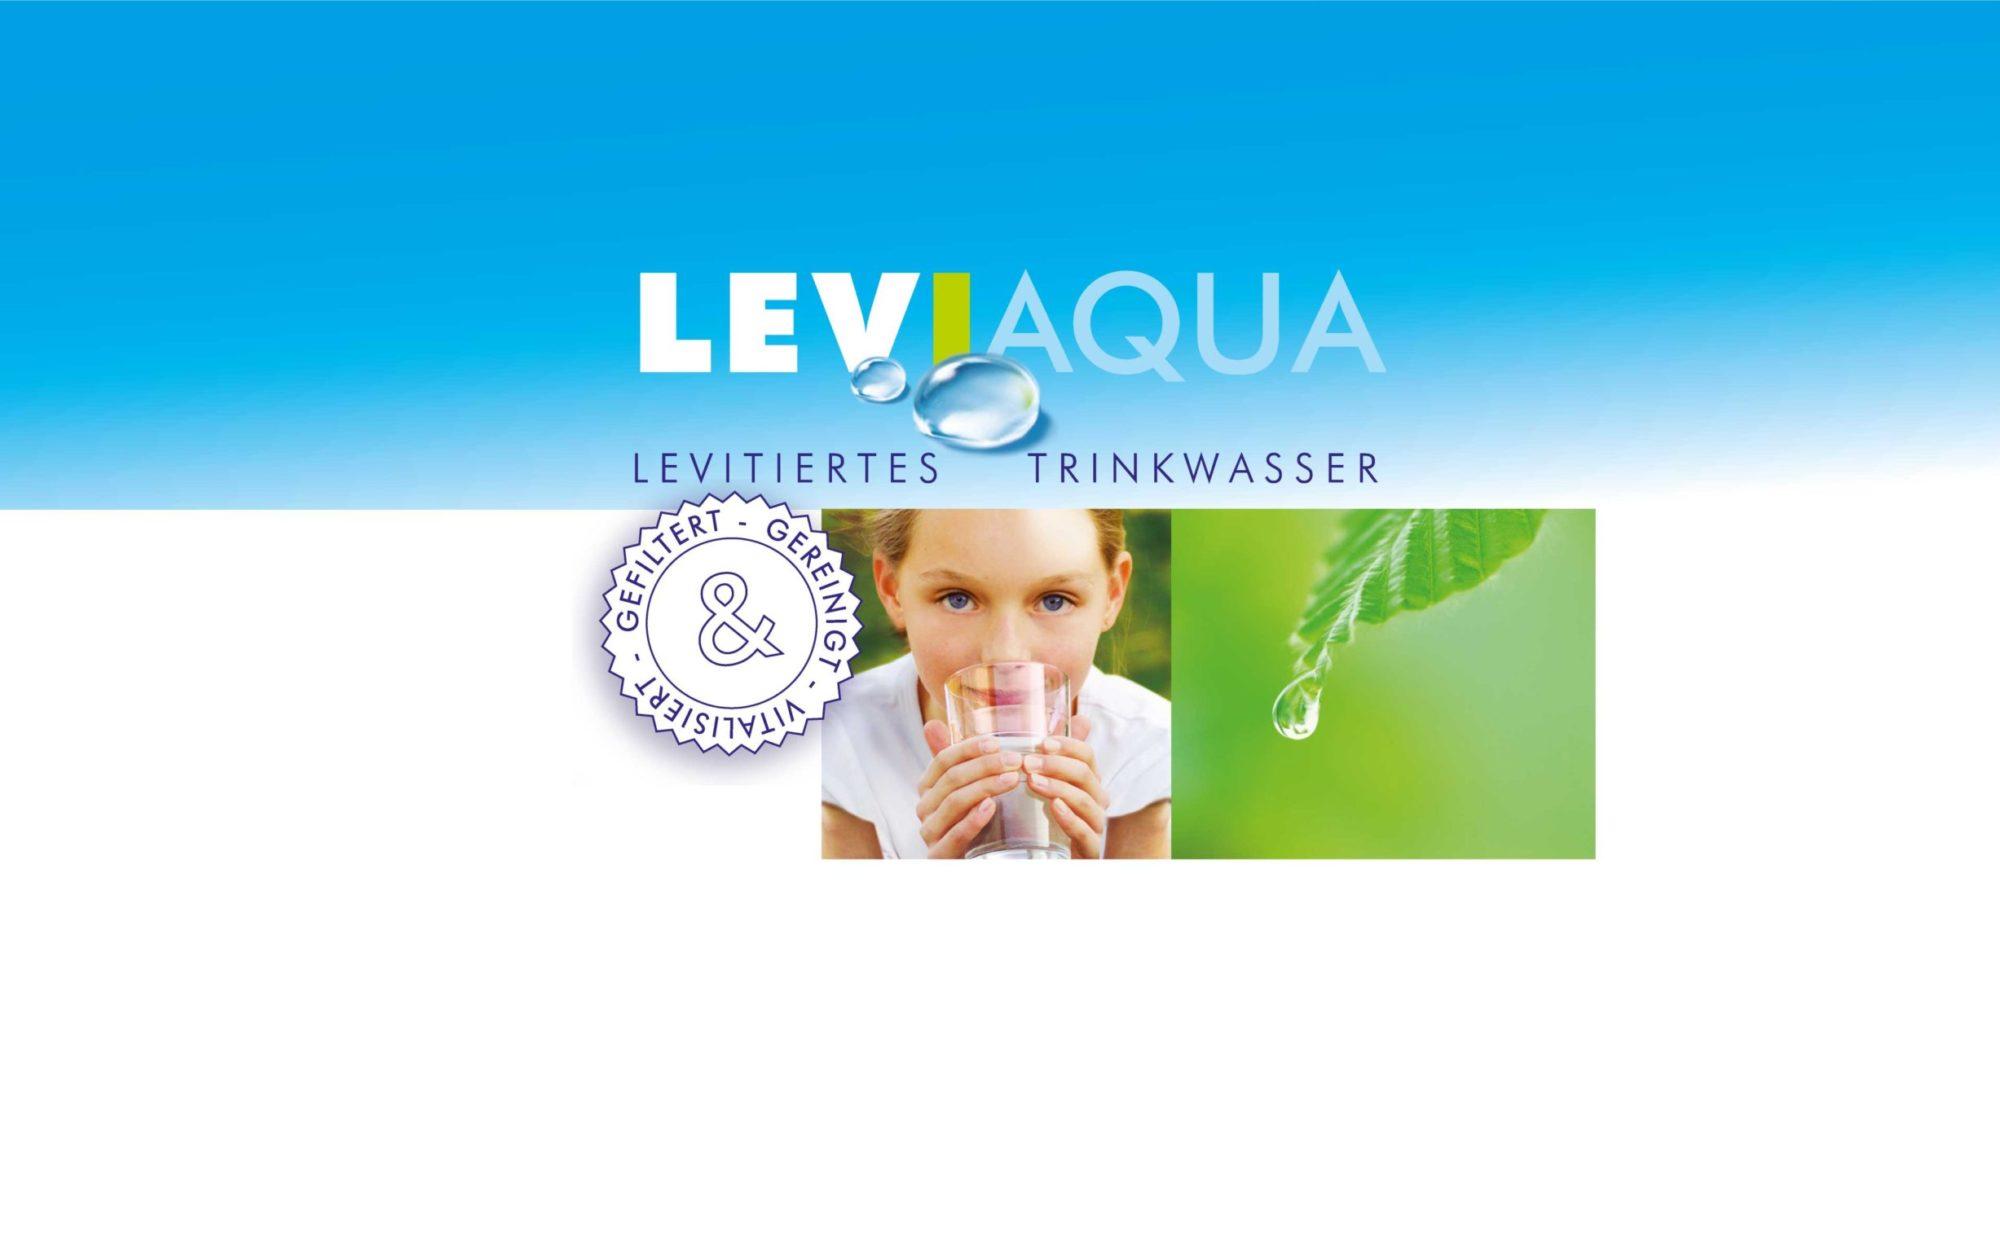 Levi Aqua